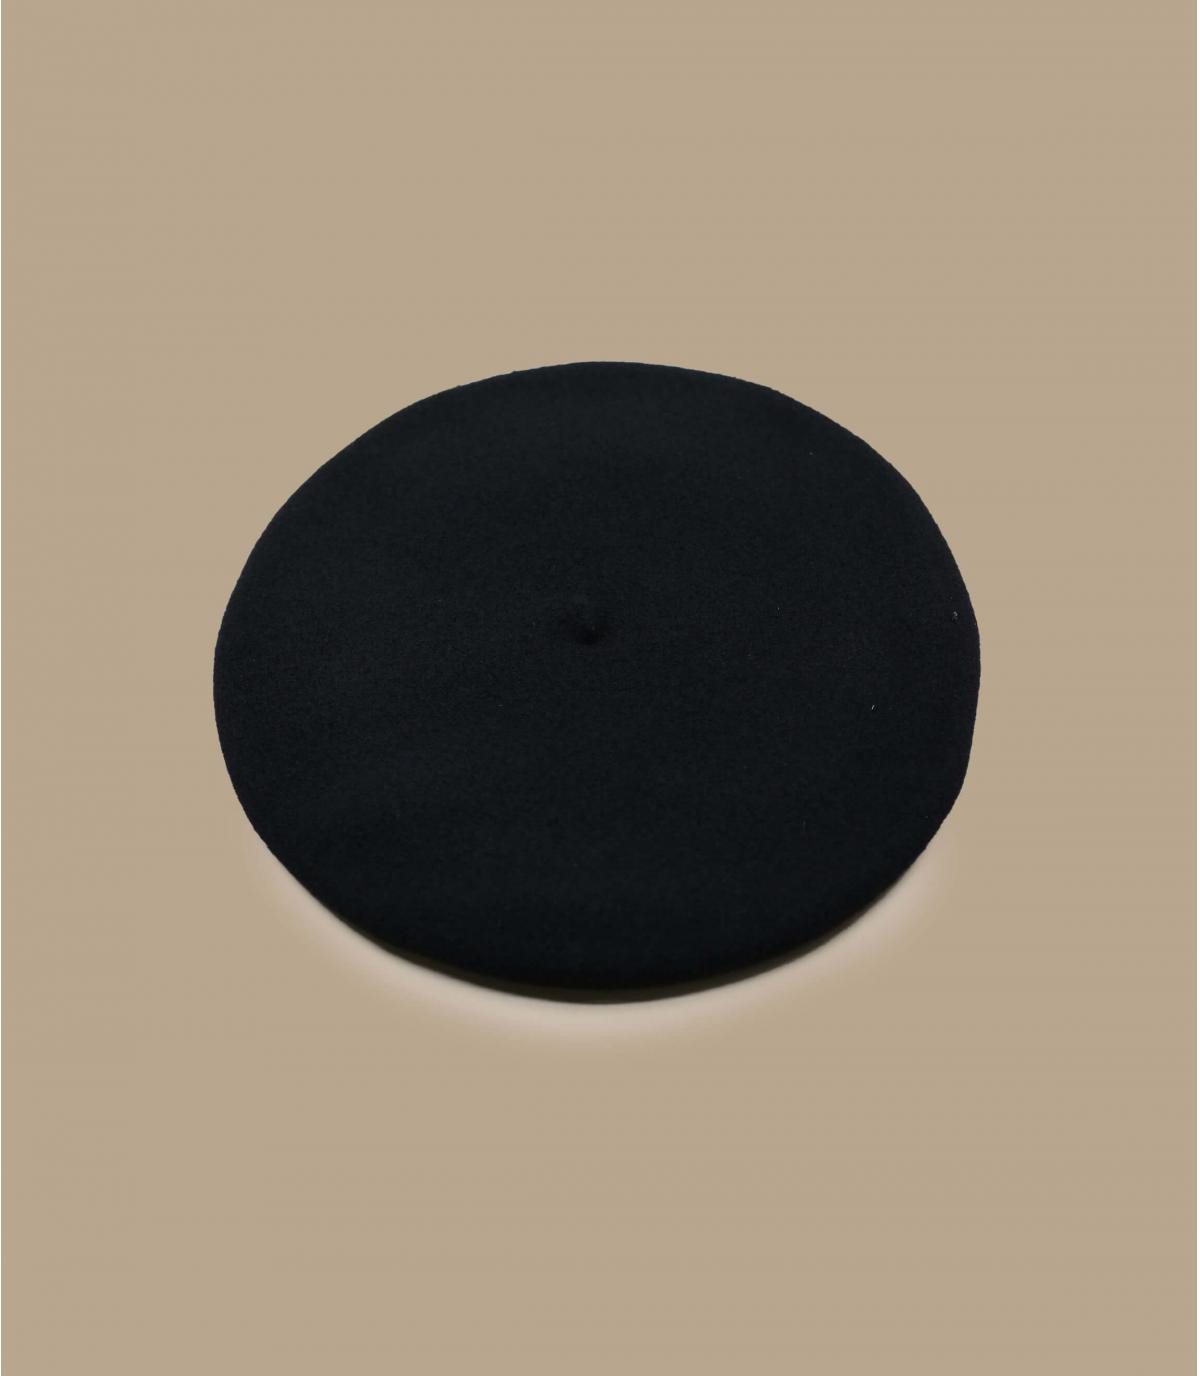 Details L'authentique beret basque zwart - afbeeling 2